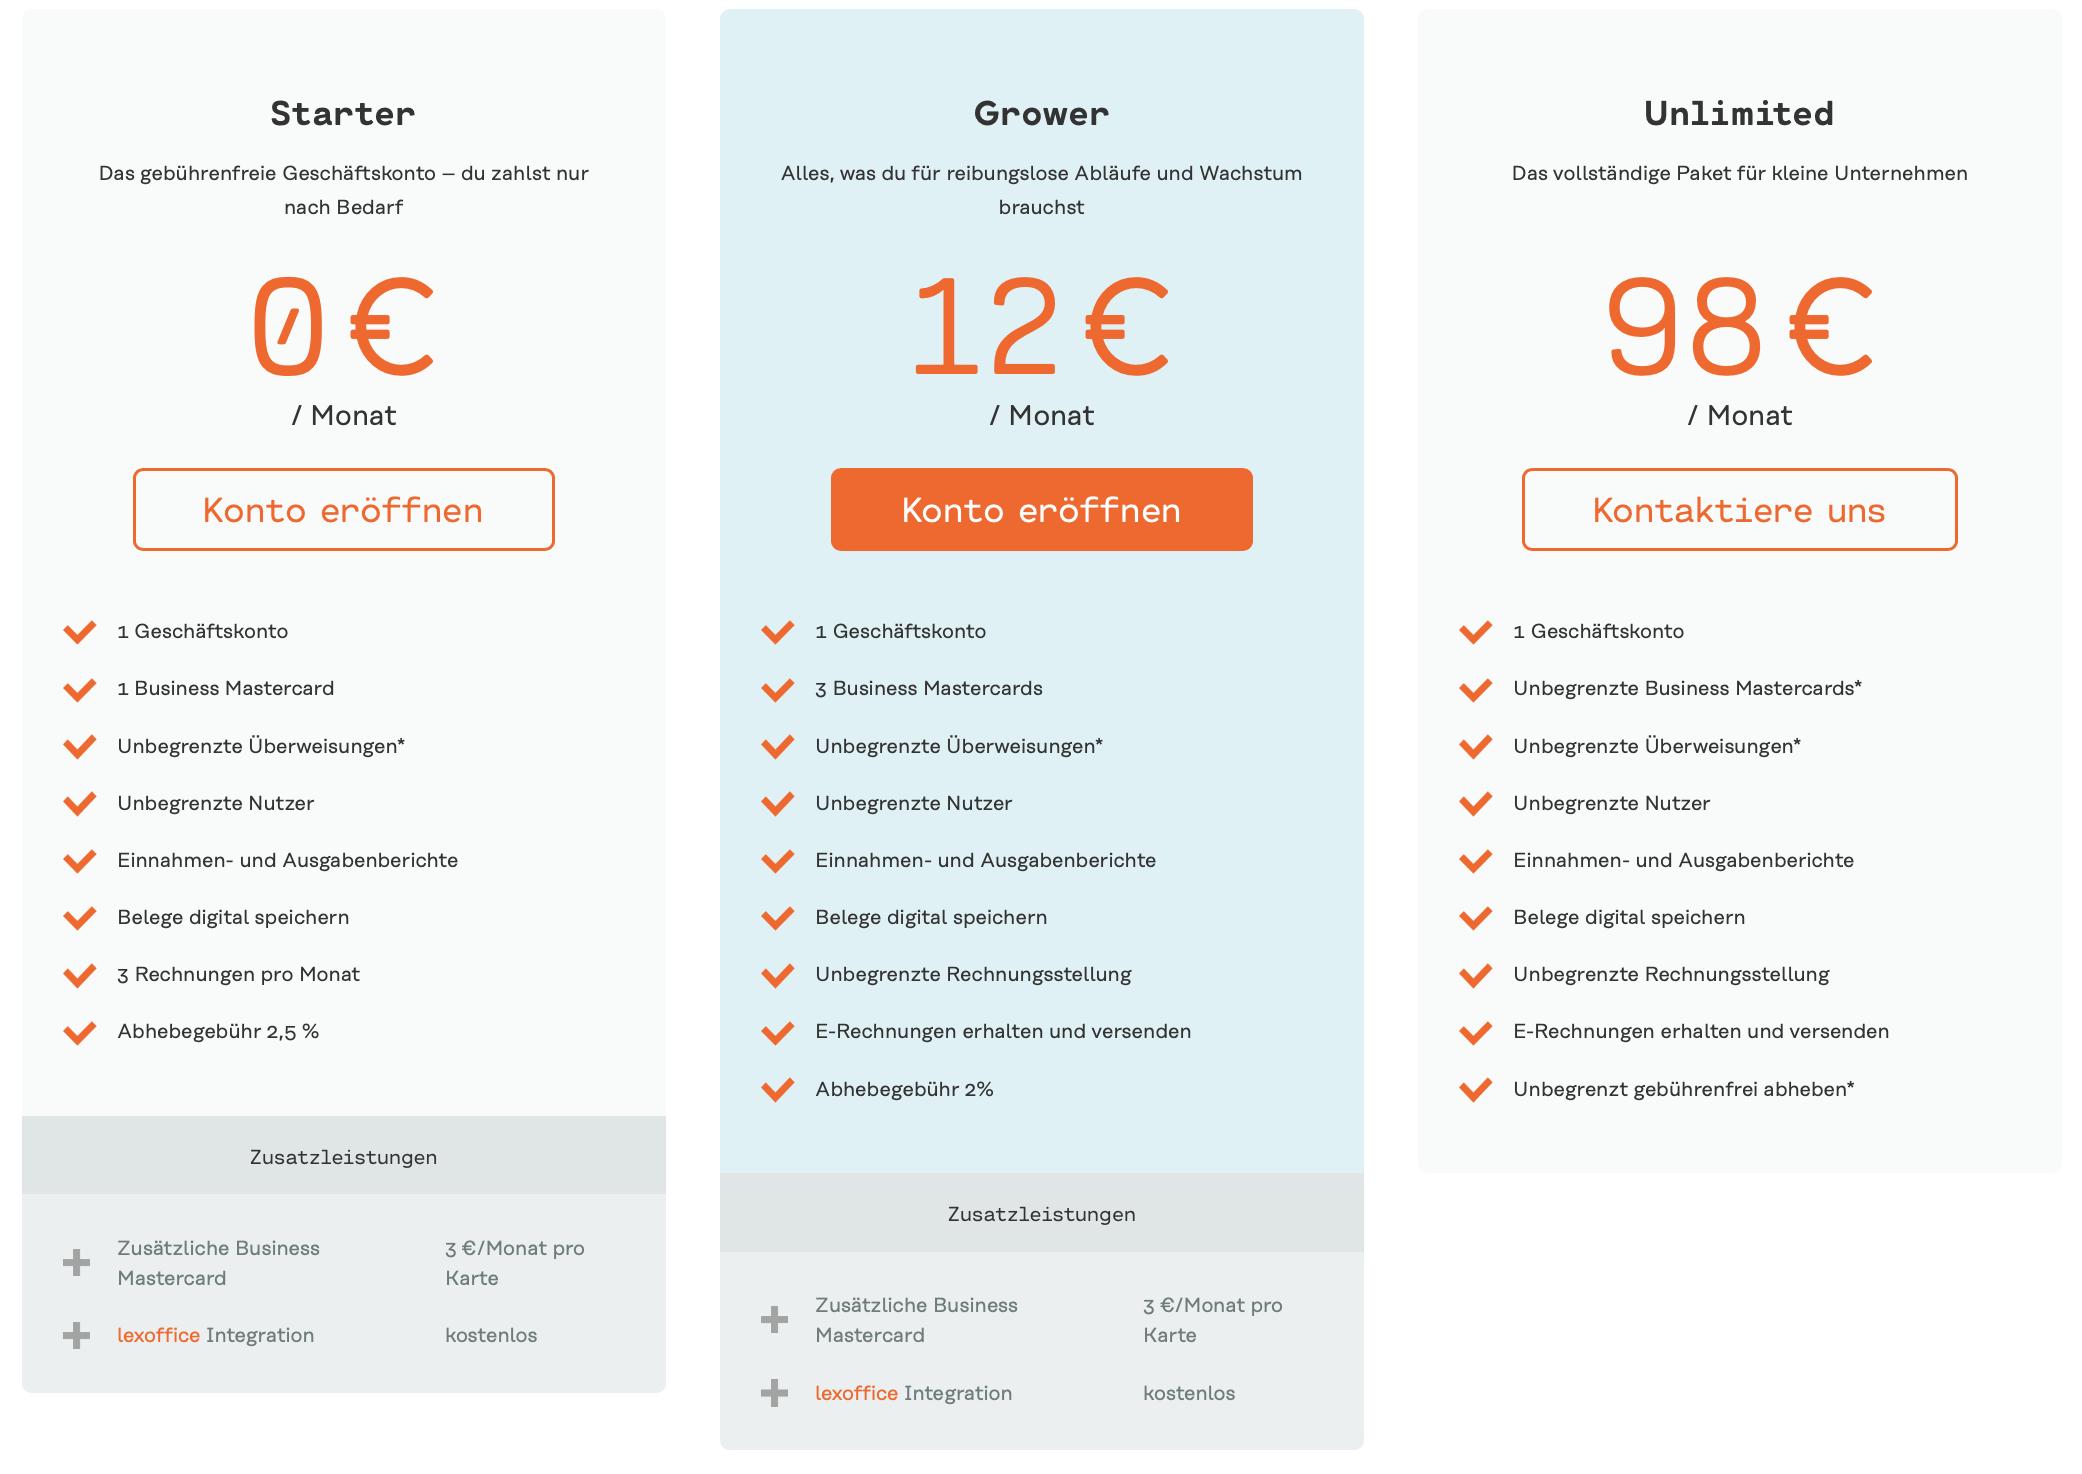 Holvi im Geschäftskonto Vergleich (Pricing-Modelle)